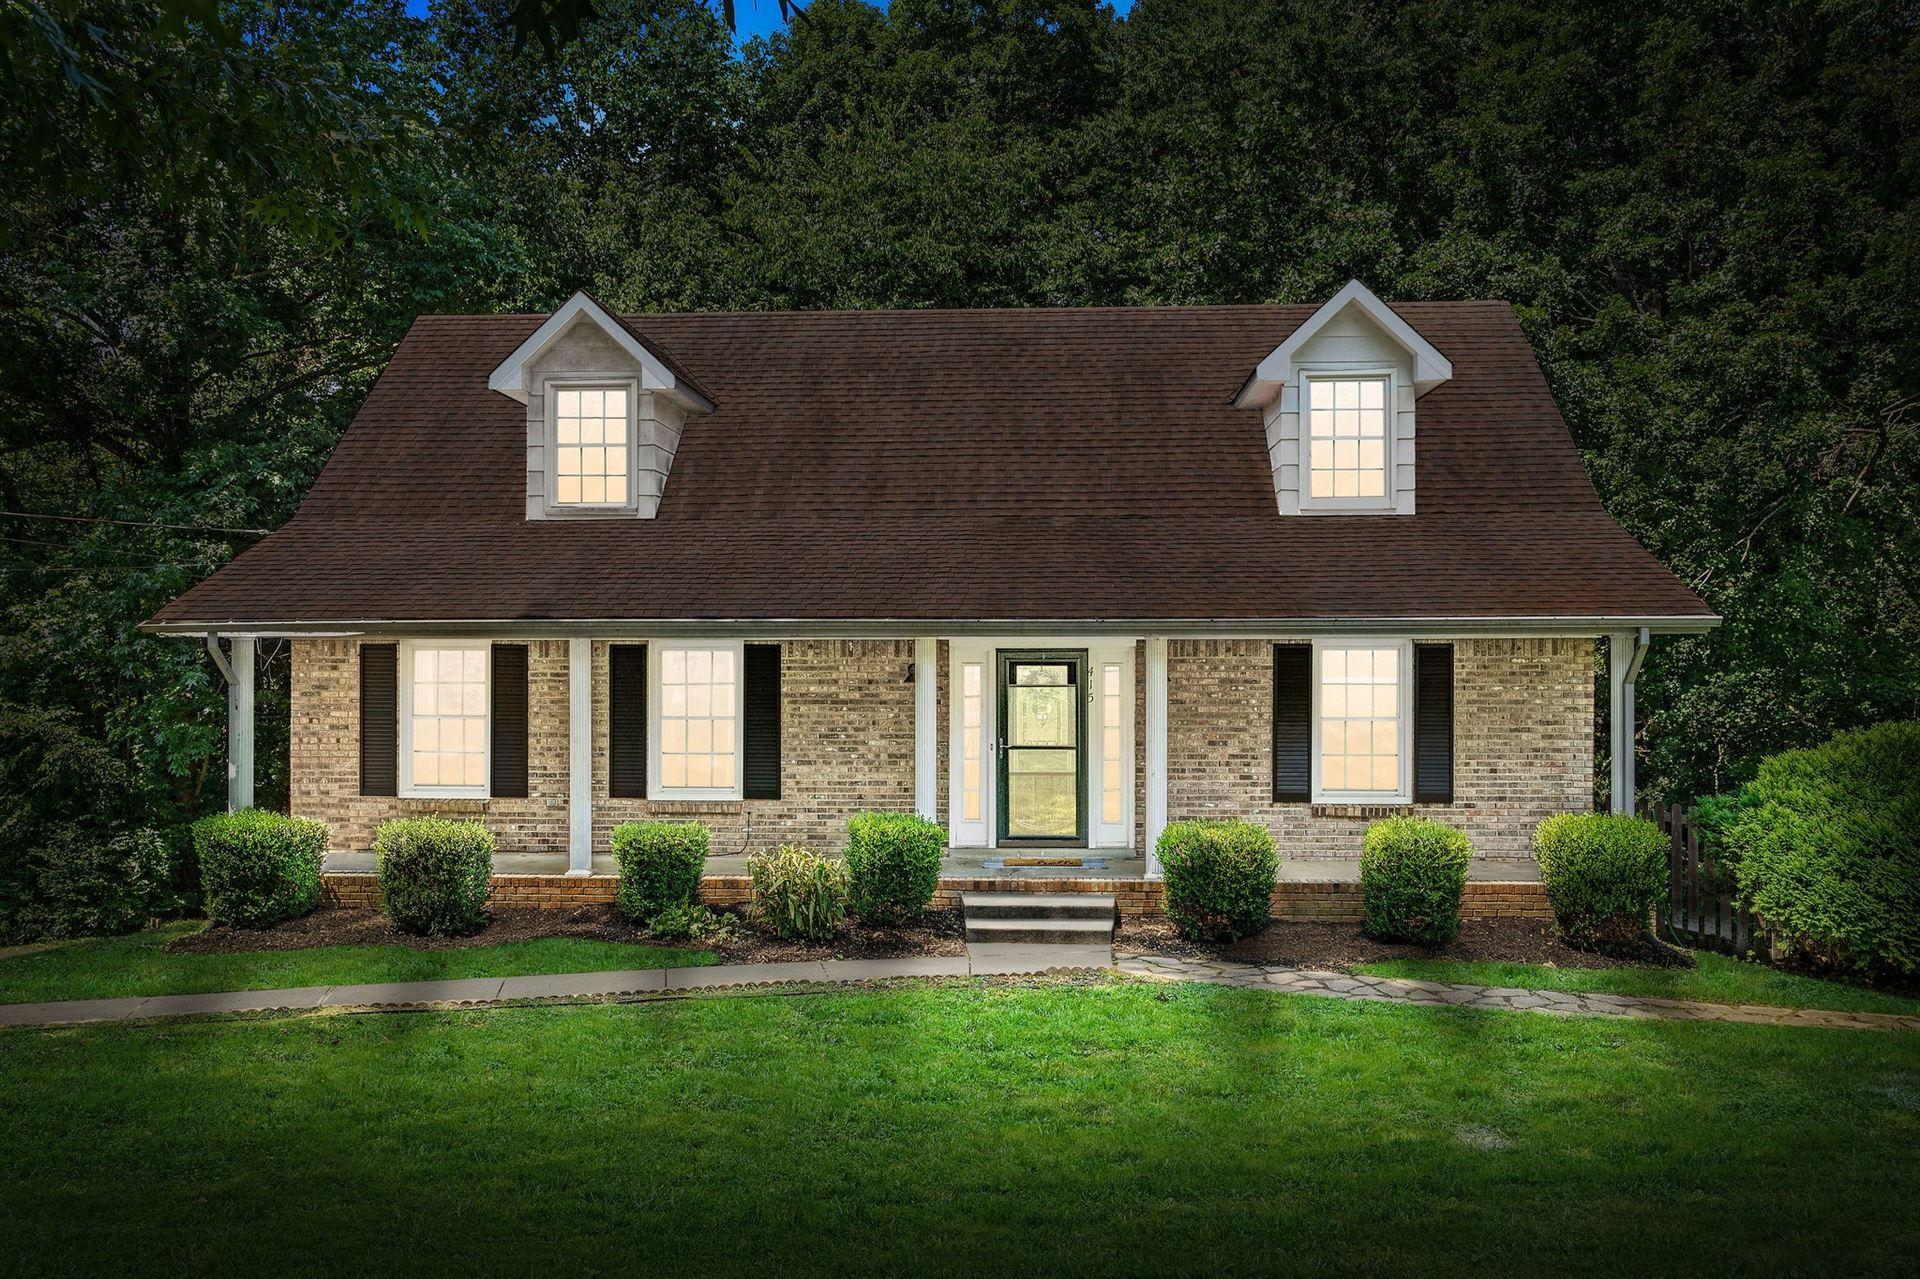 415 Warren Cir, Clarksville, TN 37040 - MLS#: 2277267